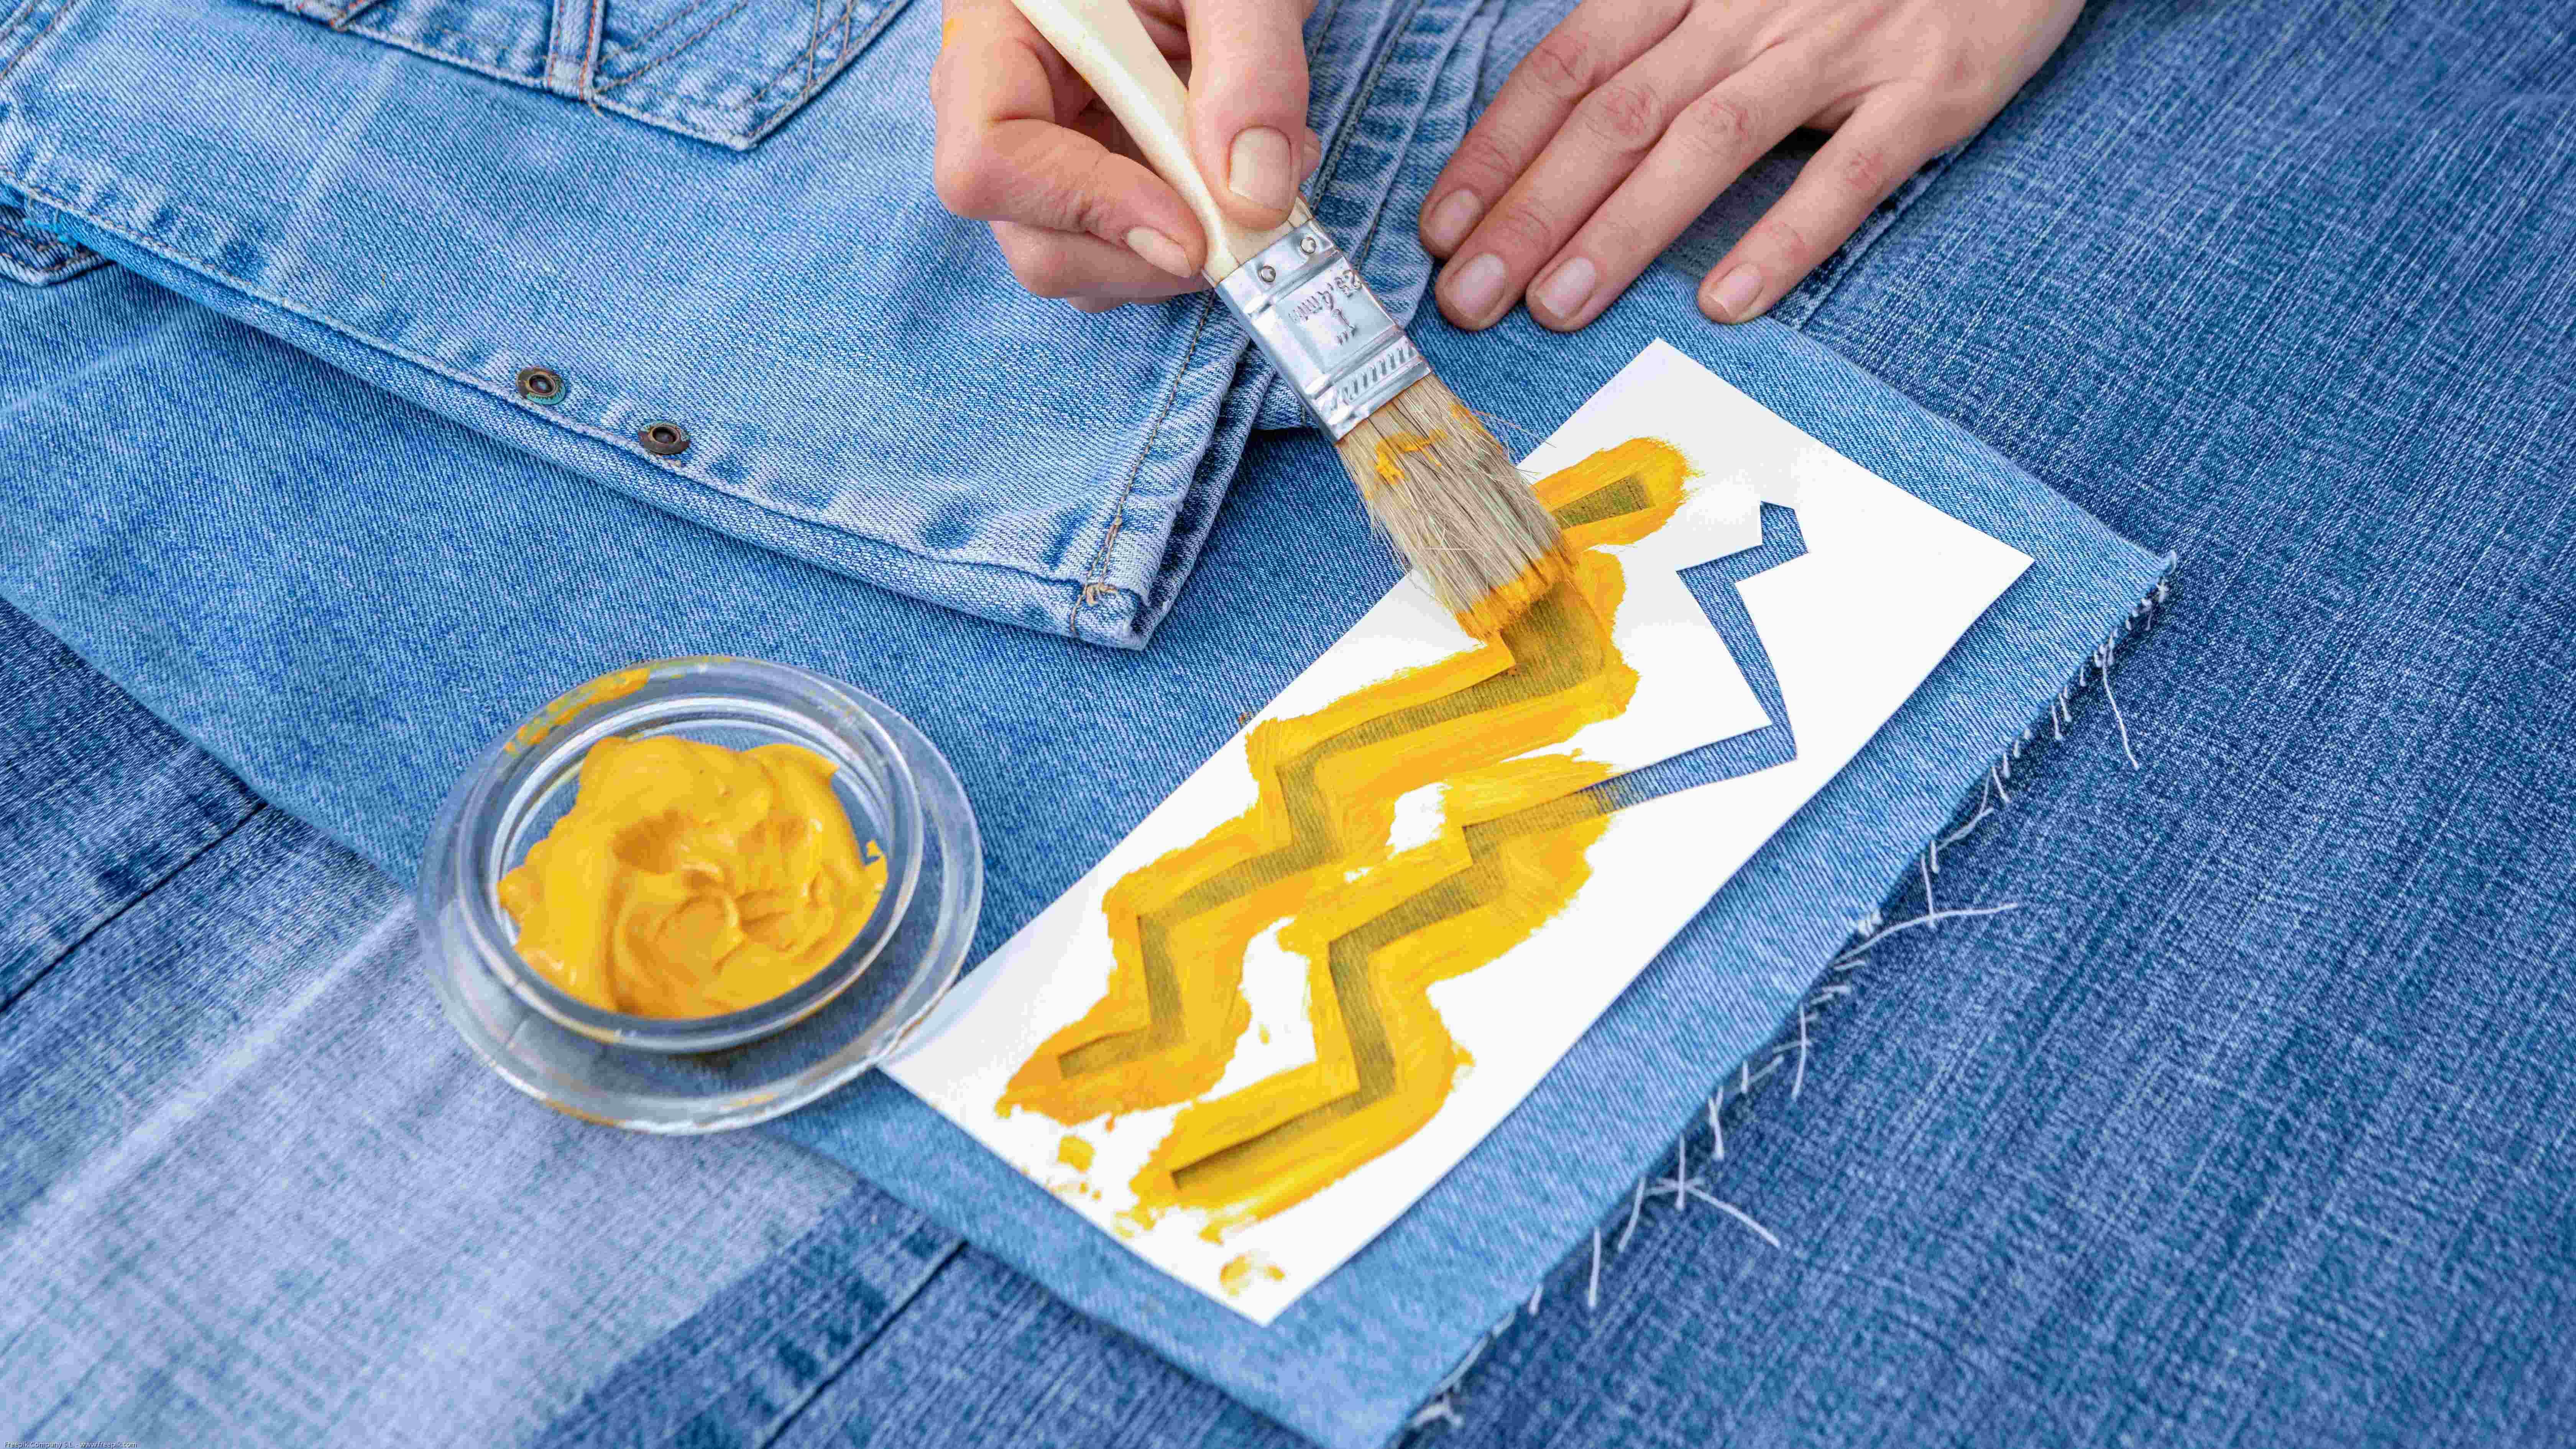 Peinture tissu :  comment peindre un tissu ou un textile